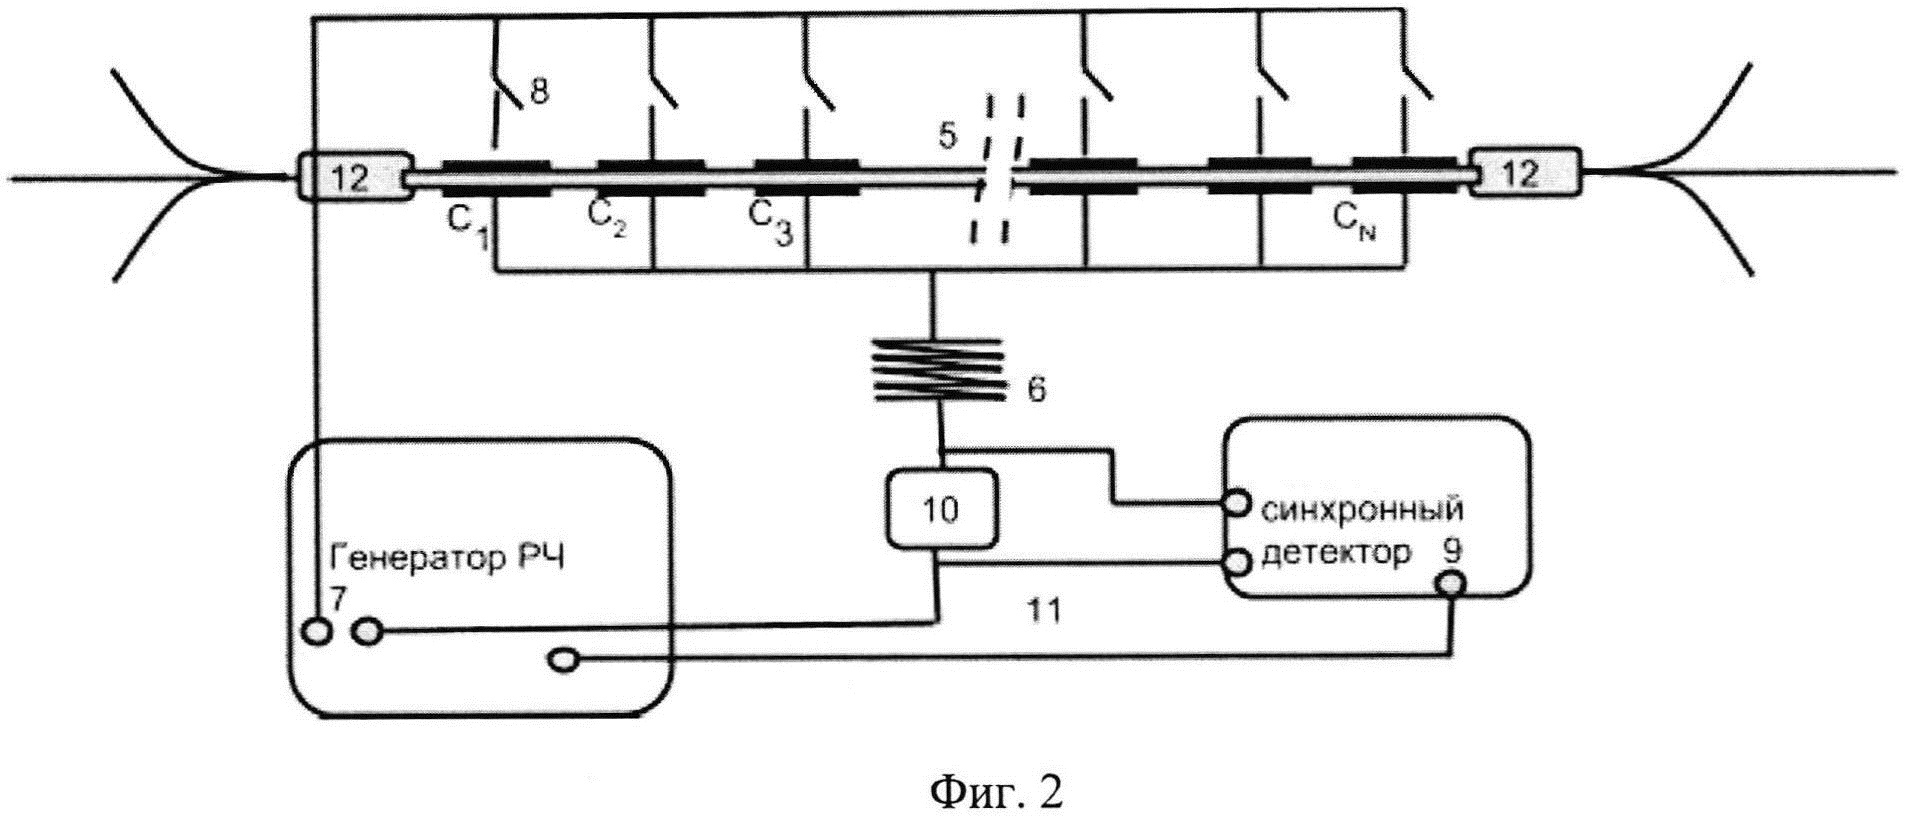 Устройство для измерения продольного распределения температуры в полимерном покрытии активных световодов волоконных лазеров и усилителей